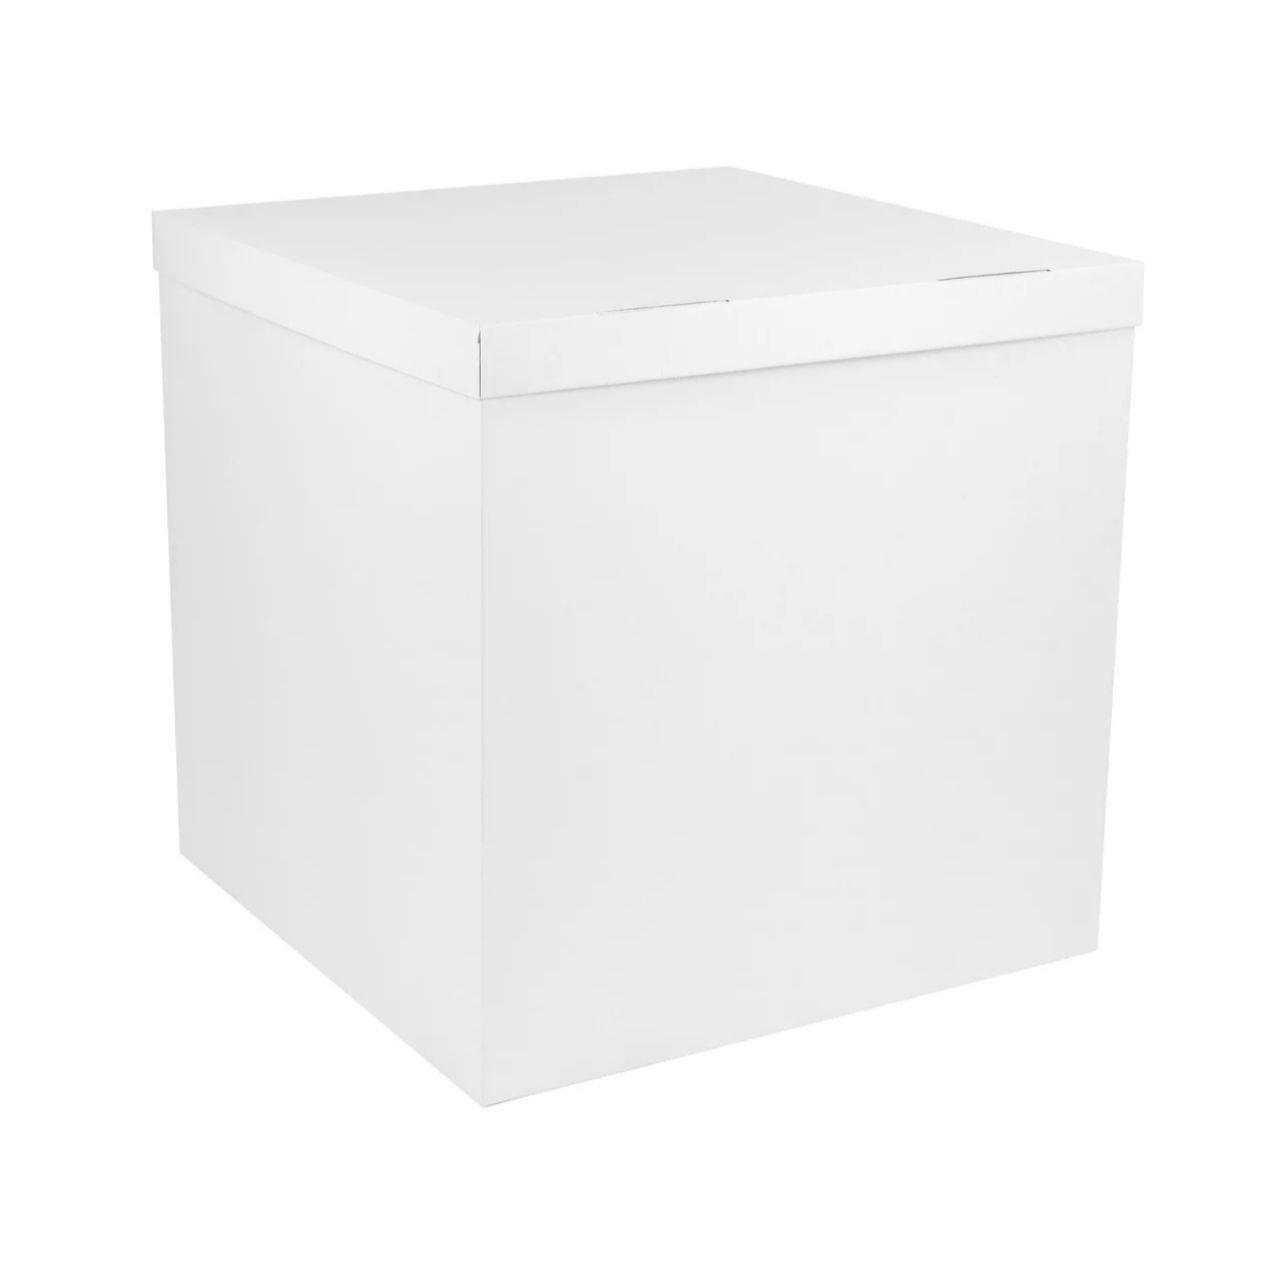 Коробка-сюрприз 700*700*700 мм, Белая, без печати, PREMIUM